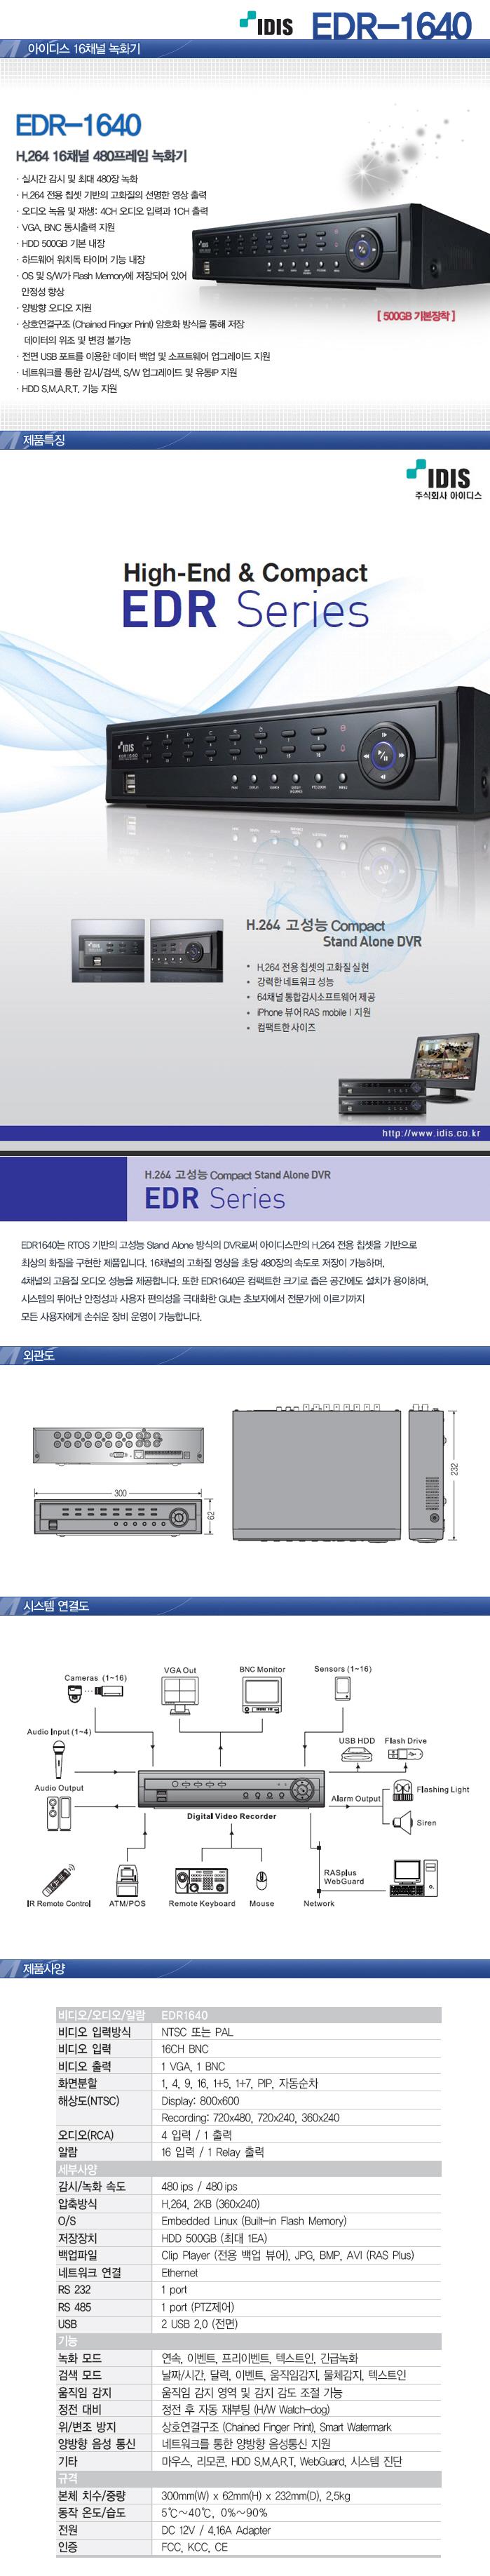 edr-1640-01.jpg